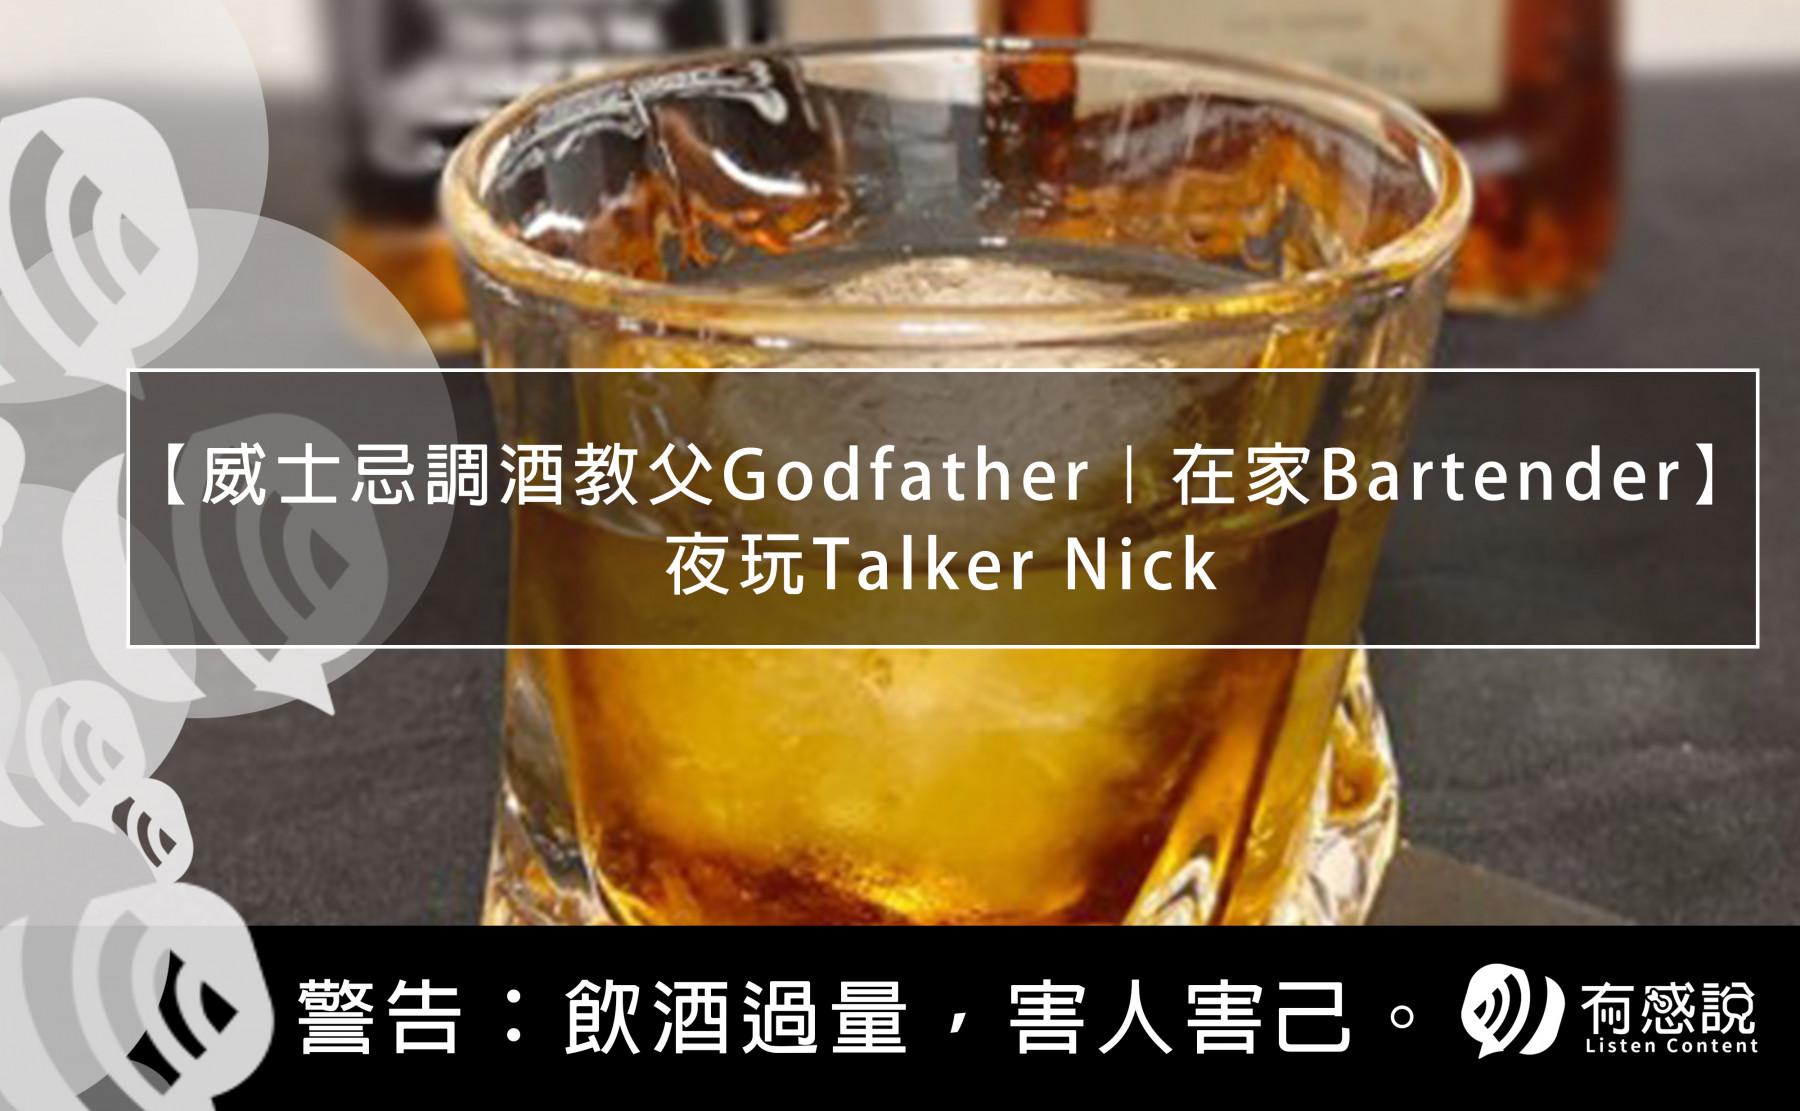 【威士忌調酒教父Godfather|在家Bartender】義大利不只有披薩,也有調酒呢~